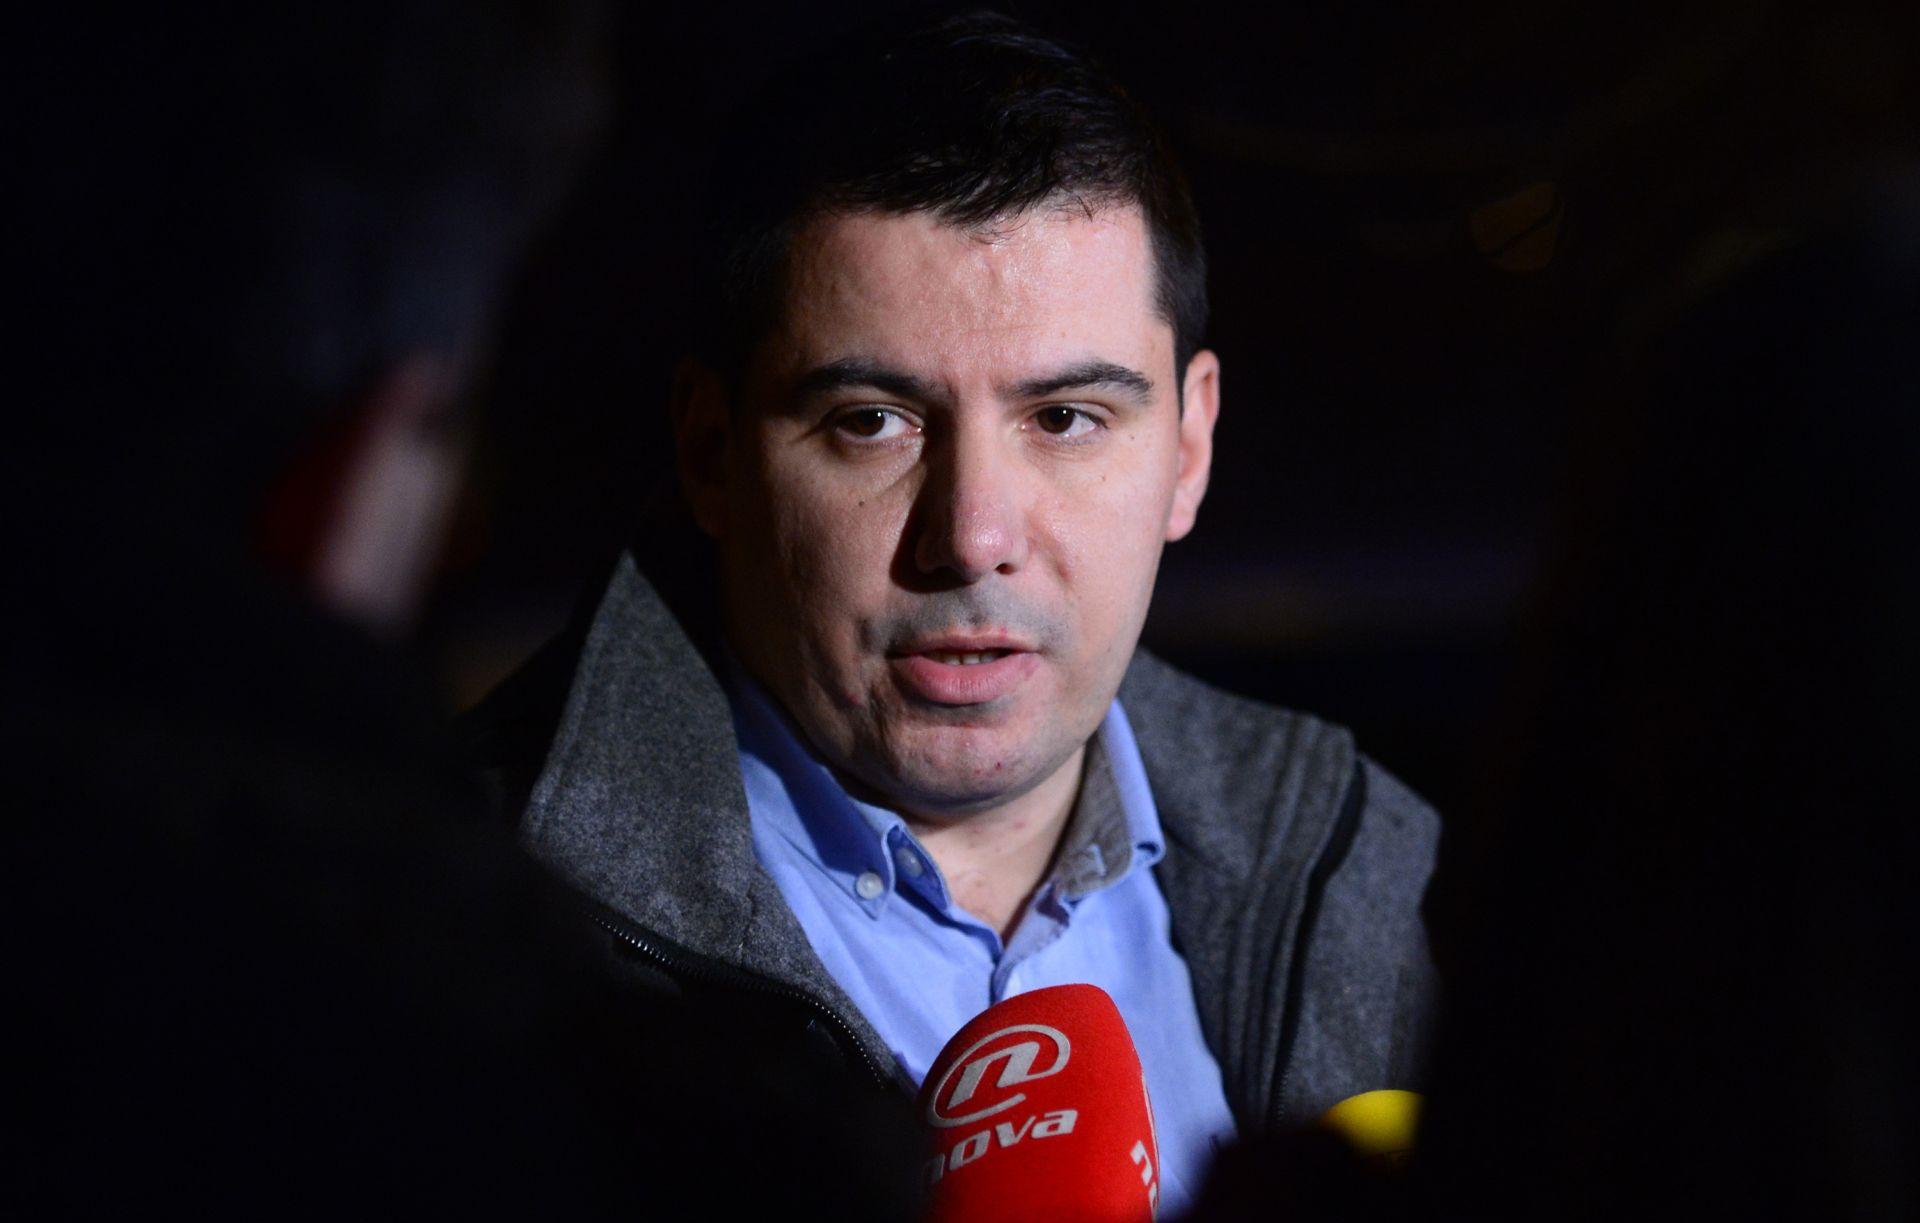 GRMOJA Milanović je danas povukao ručnu, SDP se do petka mora izjasniti s kime je spreman surađivati